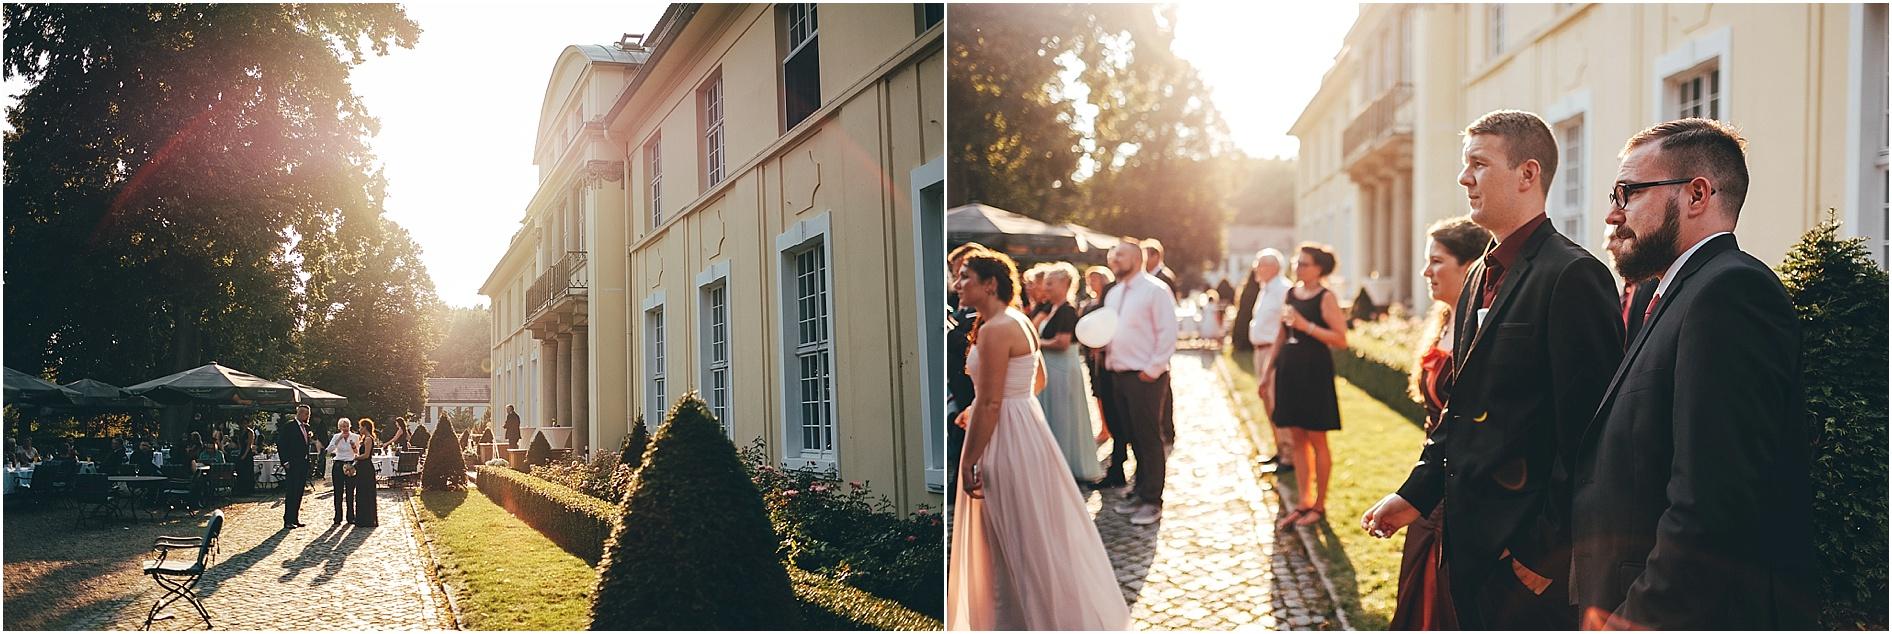 2017-01-17_0098 Sarah & Basti - Hochzeit auf Schloss Hasenwinkel